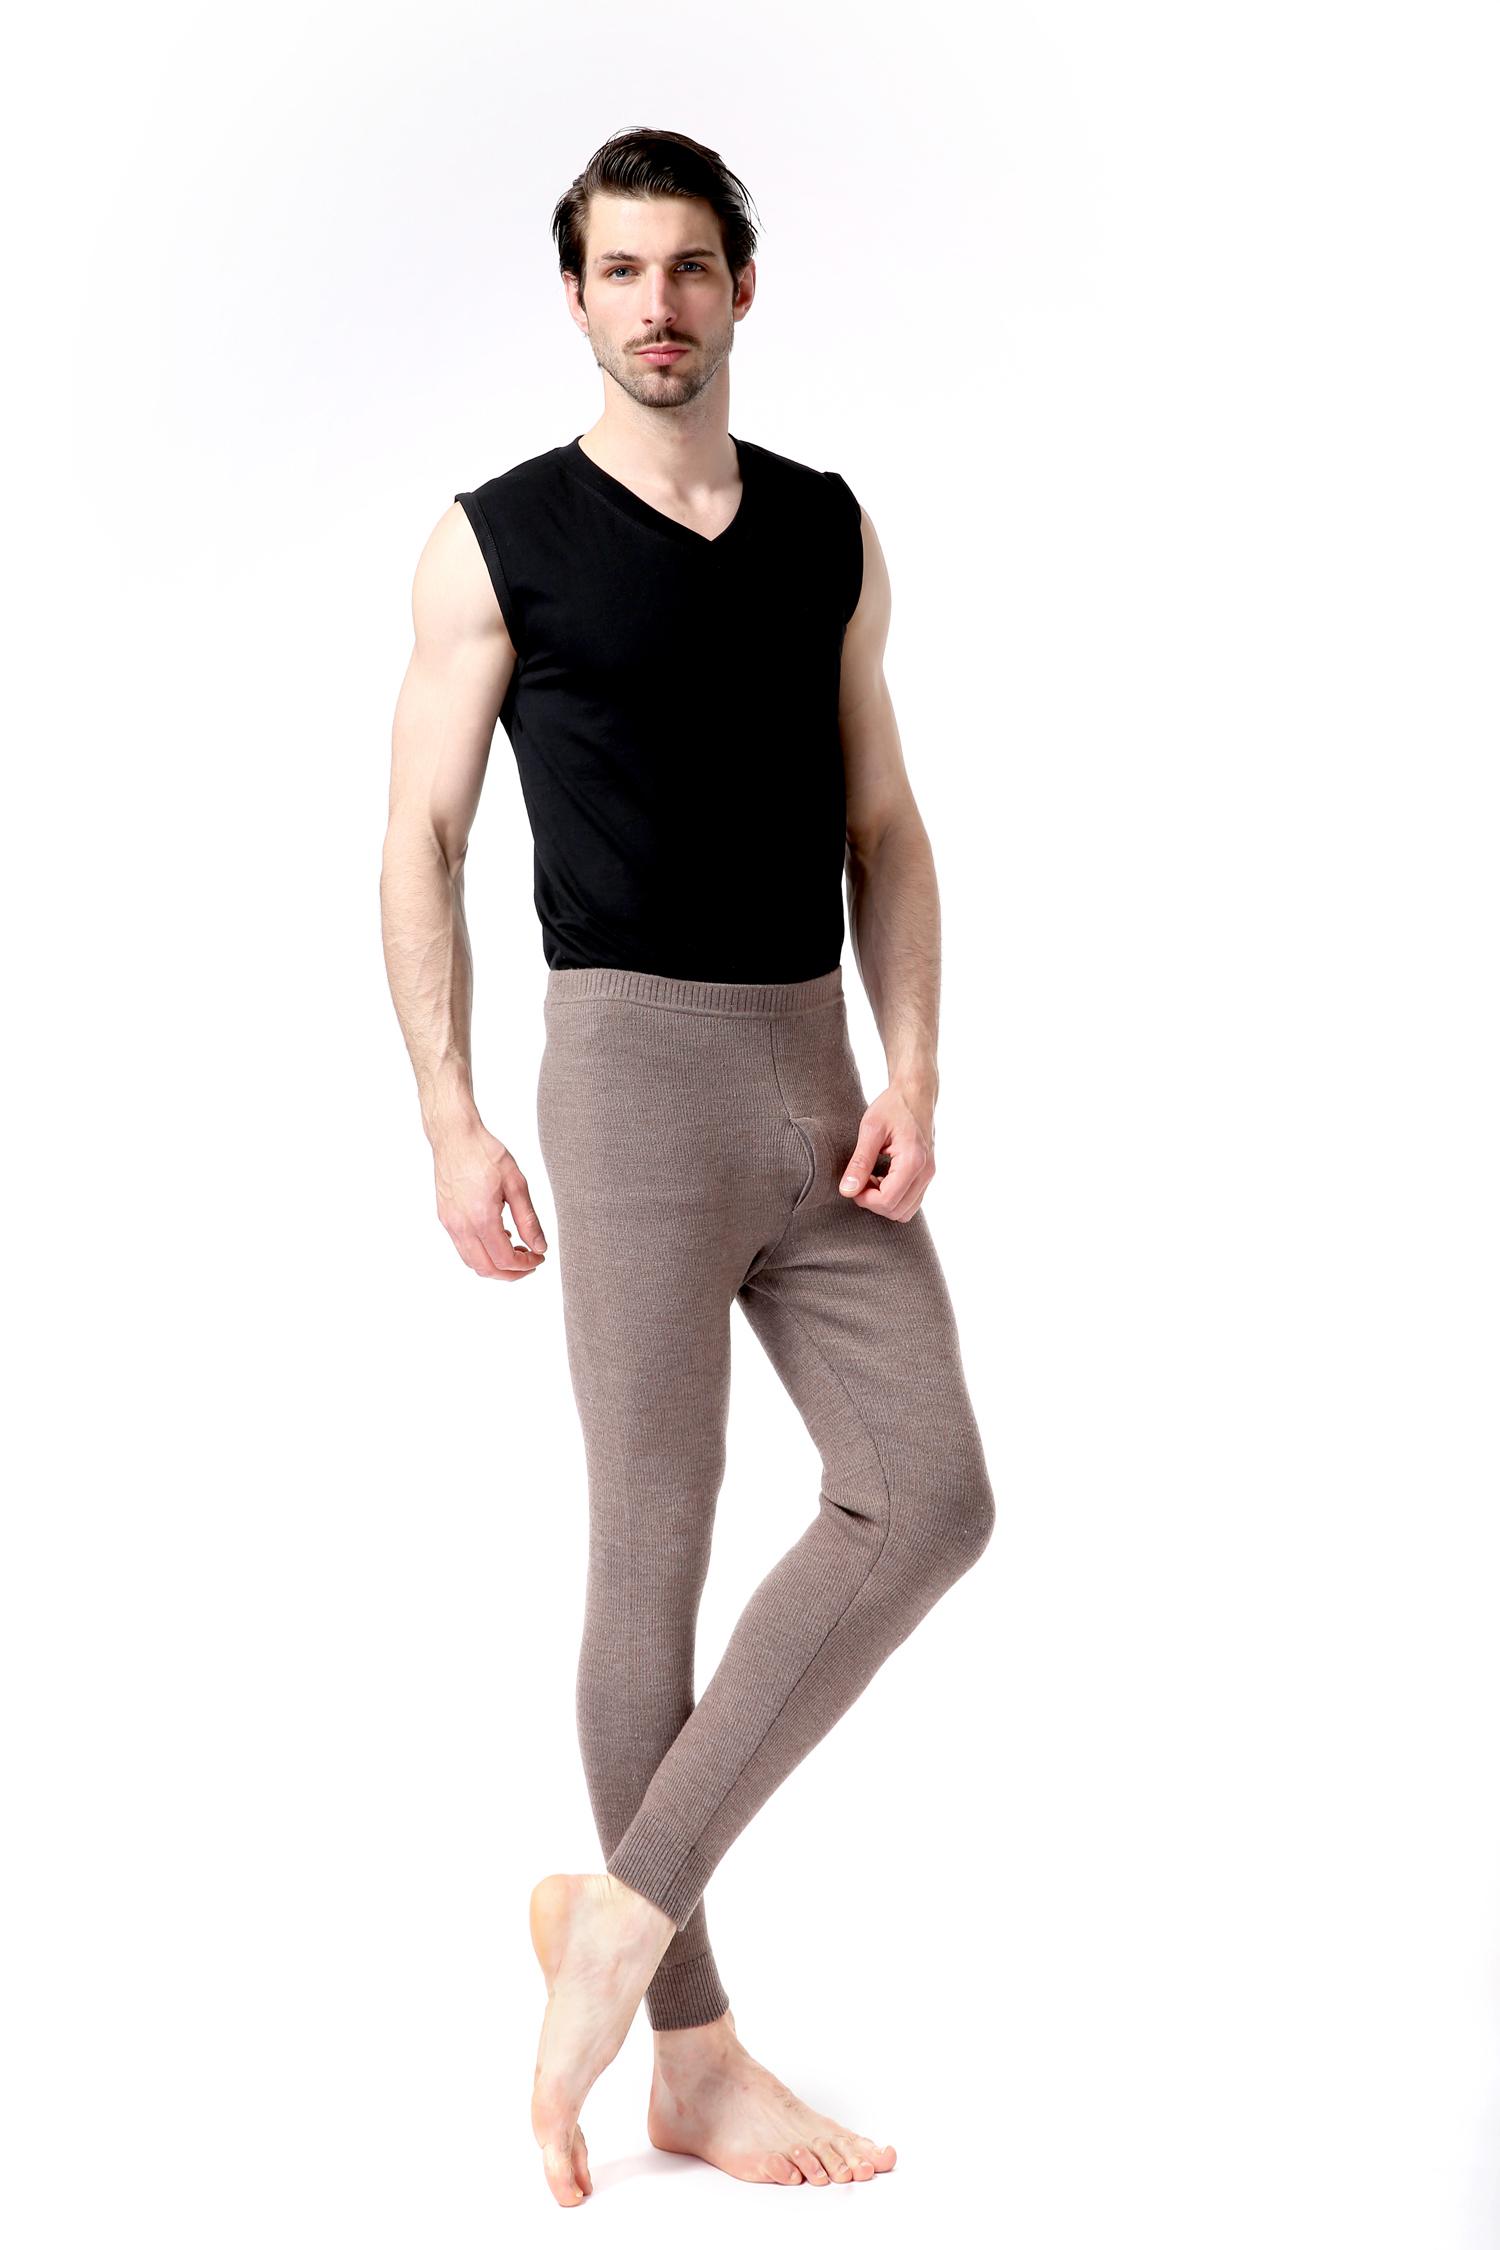 打底裤什么牌子好——想买超低价都兰诺斯澳毛男抽条裤,就到中昊绒业